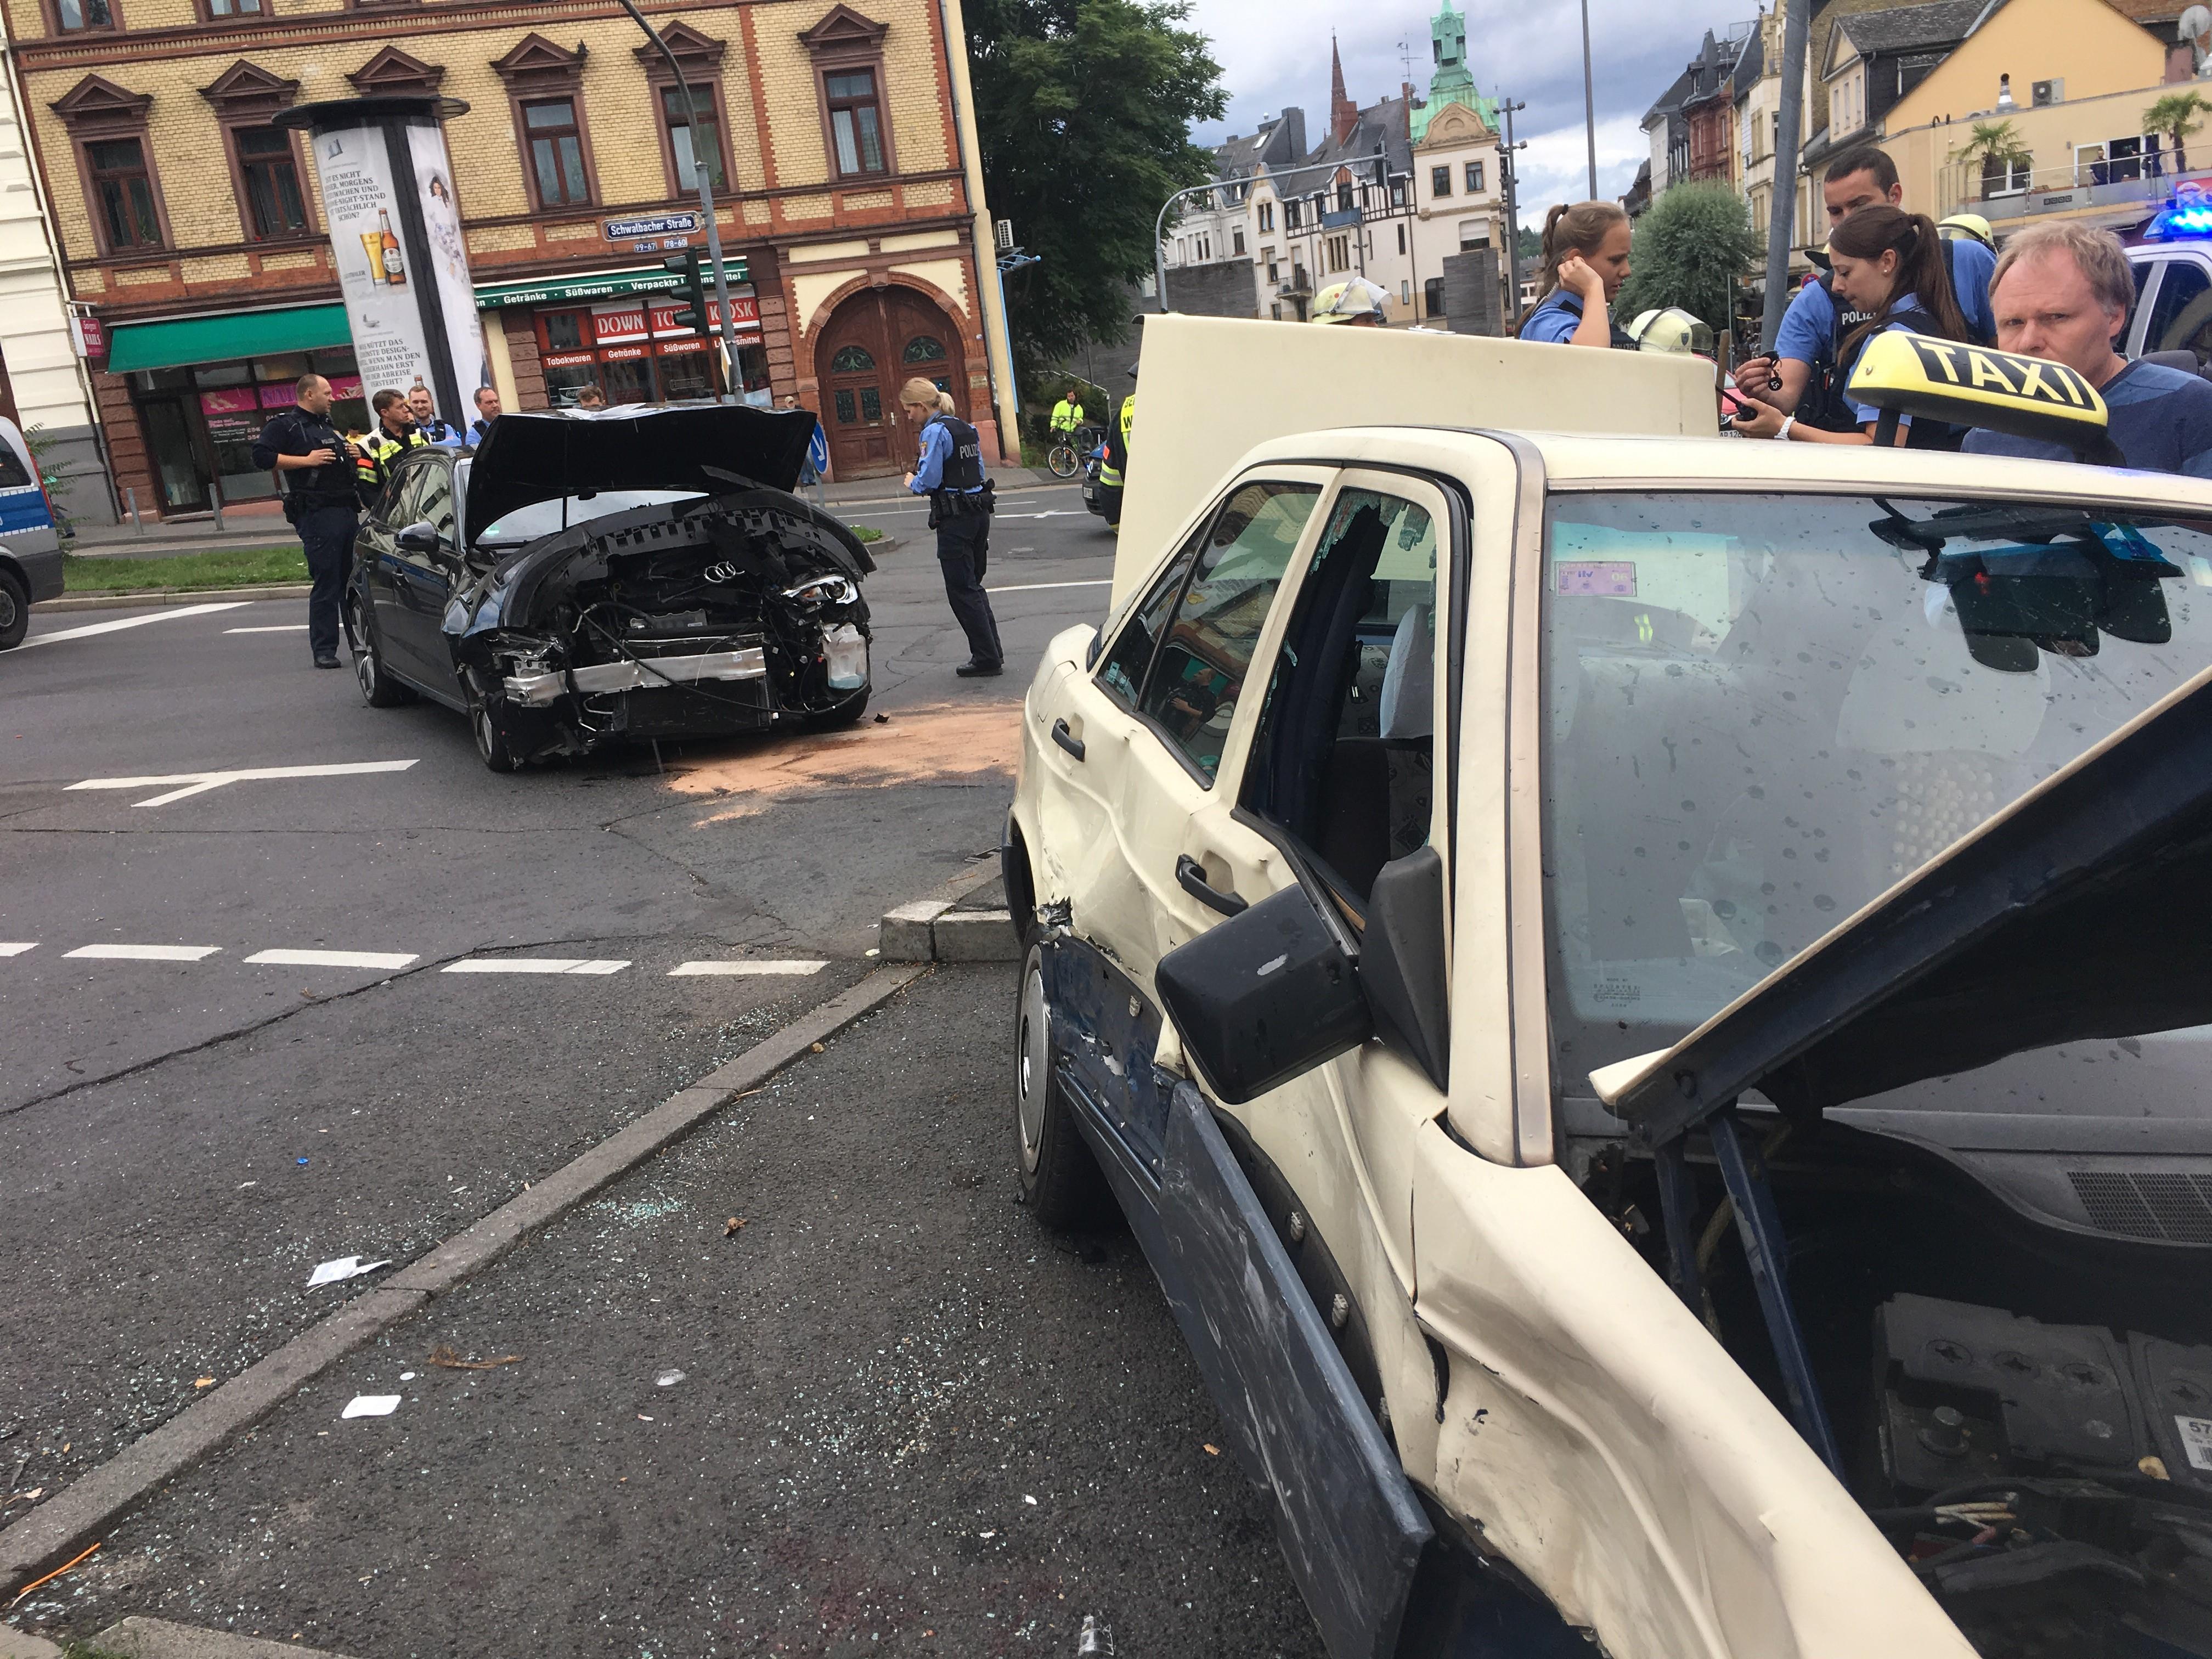 Taxi schleudert in Fußgänger